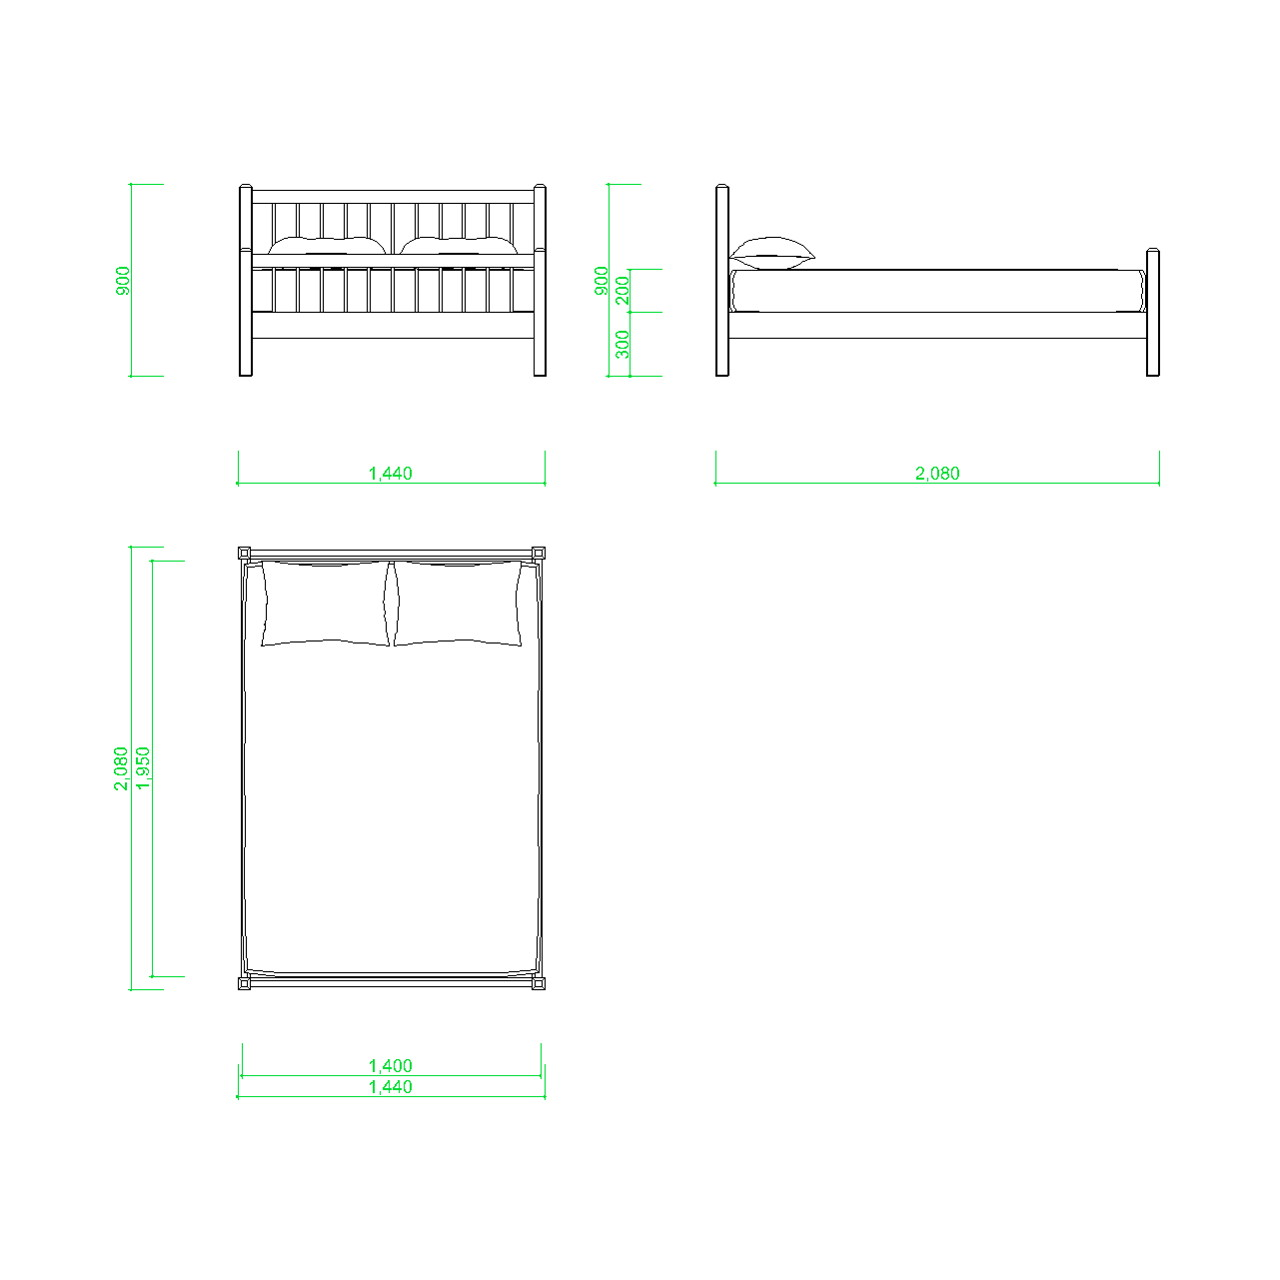 ダブルサイズのベッドの2DCAD部品,無料,商用可能,フリー素材,フリーデータ,AUTOCAD,DWG,DXF,インテリア,interior,家具,furniture,bed,double